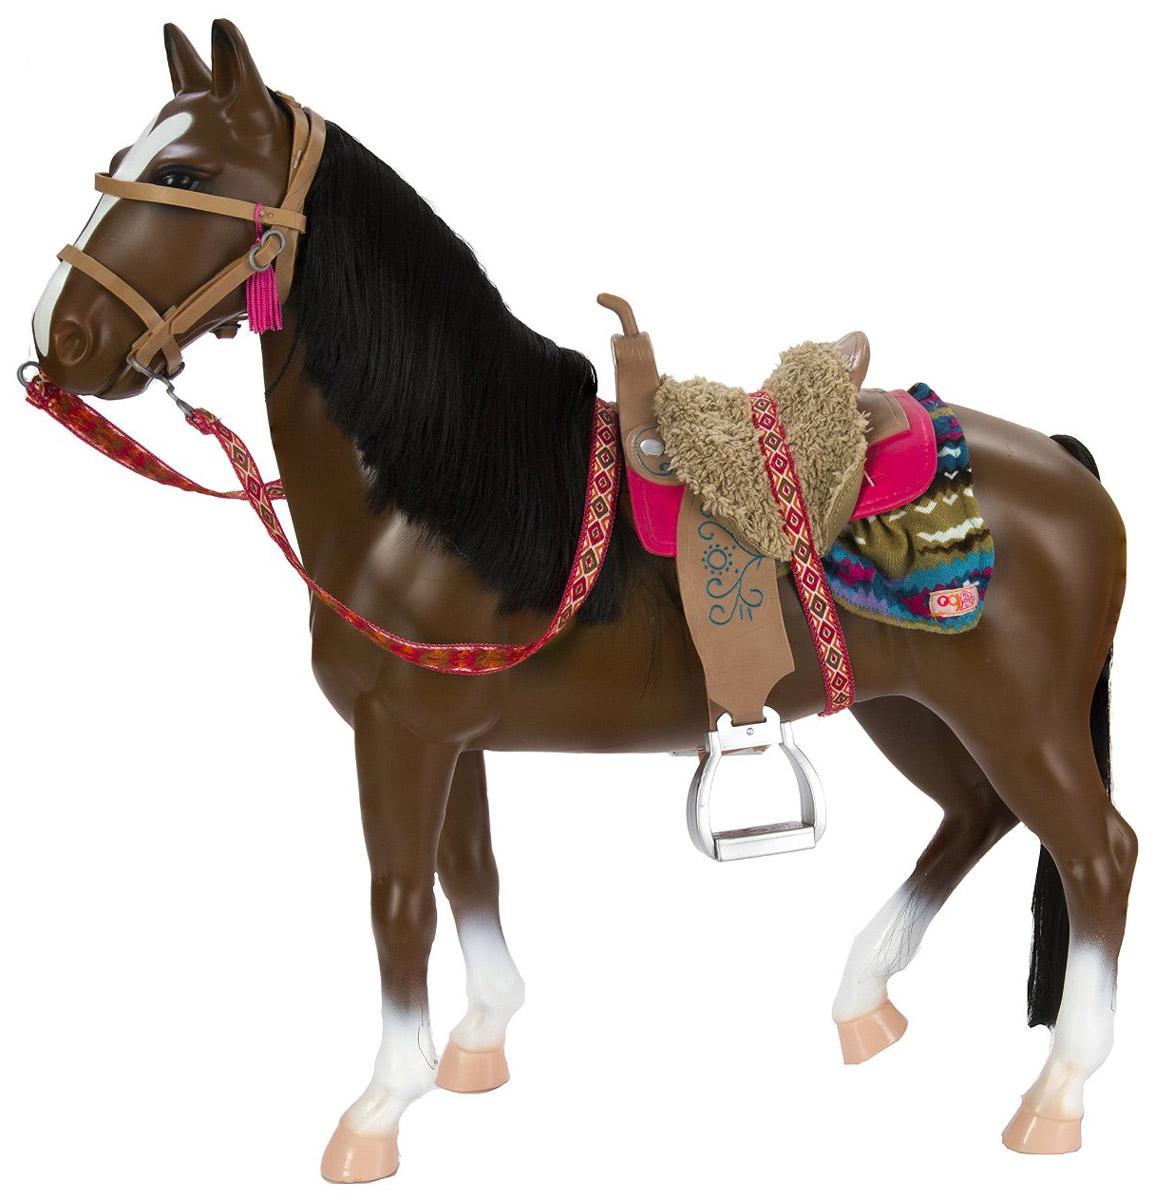 Our Generation Лошадь Американская чистокровная11573Лошадь Our Generation Американская чистокровная с аксессуарами - это лошадь для кукол темно-коричневого цвета с роскошной гривой и хвостом. В комплекте есть все необходимое, чтобы заботиться об этом животном: красивое седло с мягкой подушечкой, попона, уздечка с кисточками, ведро, губка, щетка, а также нужные в путешествии вещи - фонарь, фляга и карта. Фонарь светится. Лошадь подойдет для куклы высотой 46 см. Игрушка выполнена из качественного и экологически чистого цельного пластика. Красивая большая коробка, выполненная в виде стойла, будет отличным домиком для лошади. Лошадь Our Generation Американская чистокровная обязательно понравится вашему ребенку и внесет еще больше разнообразия в игры с куклами. Для работы фонаря необходимы 2 батарейки типа AG13 (товар комплектуется демонстрационными).